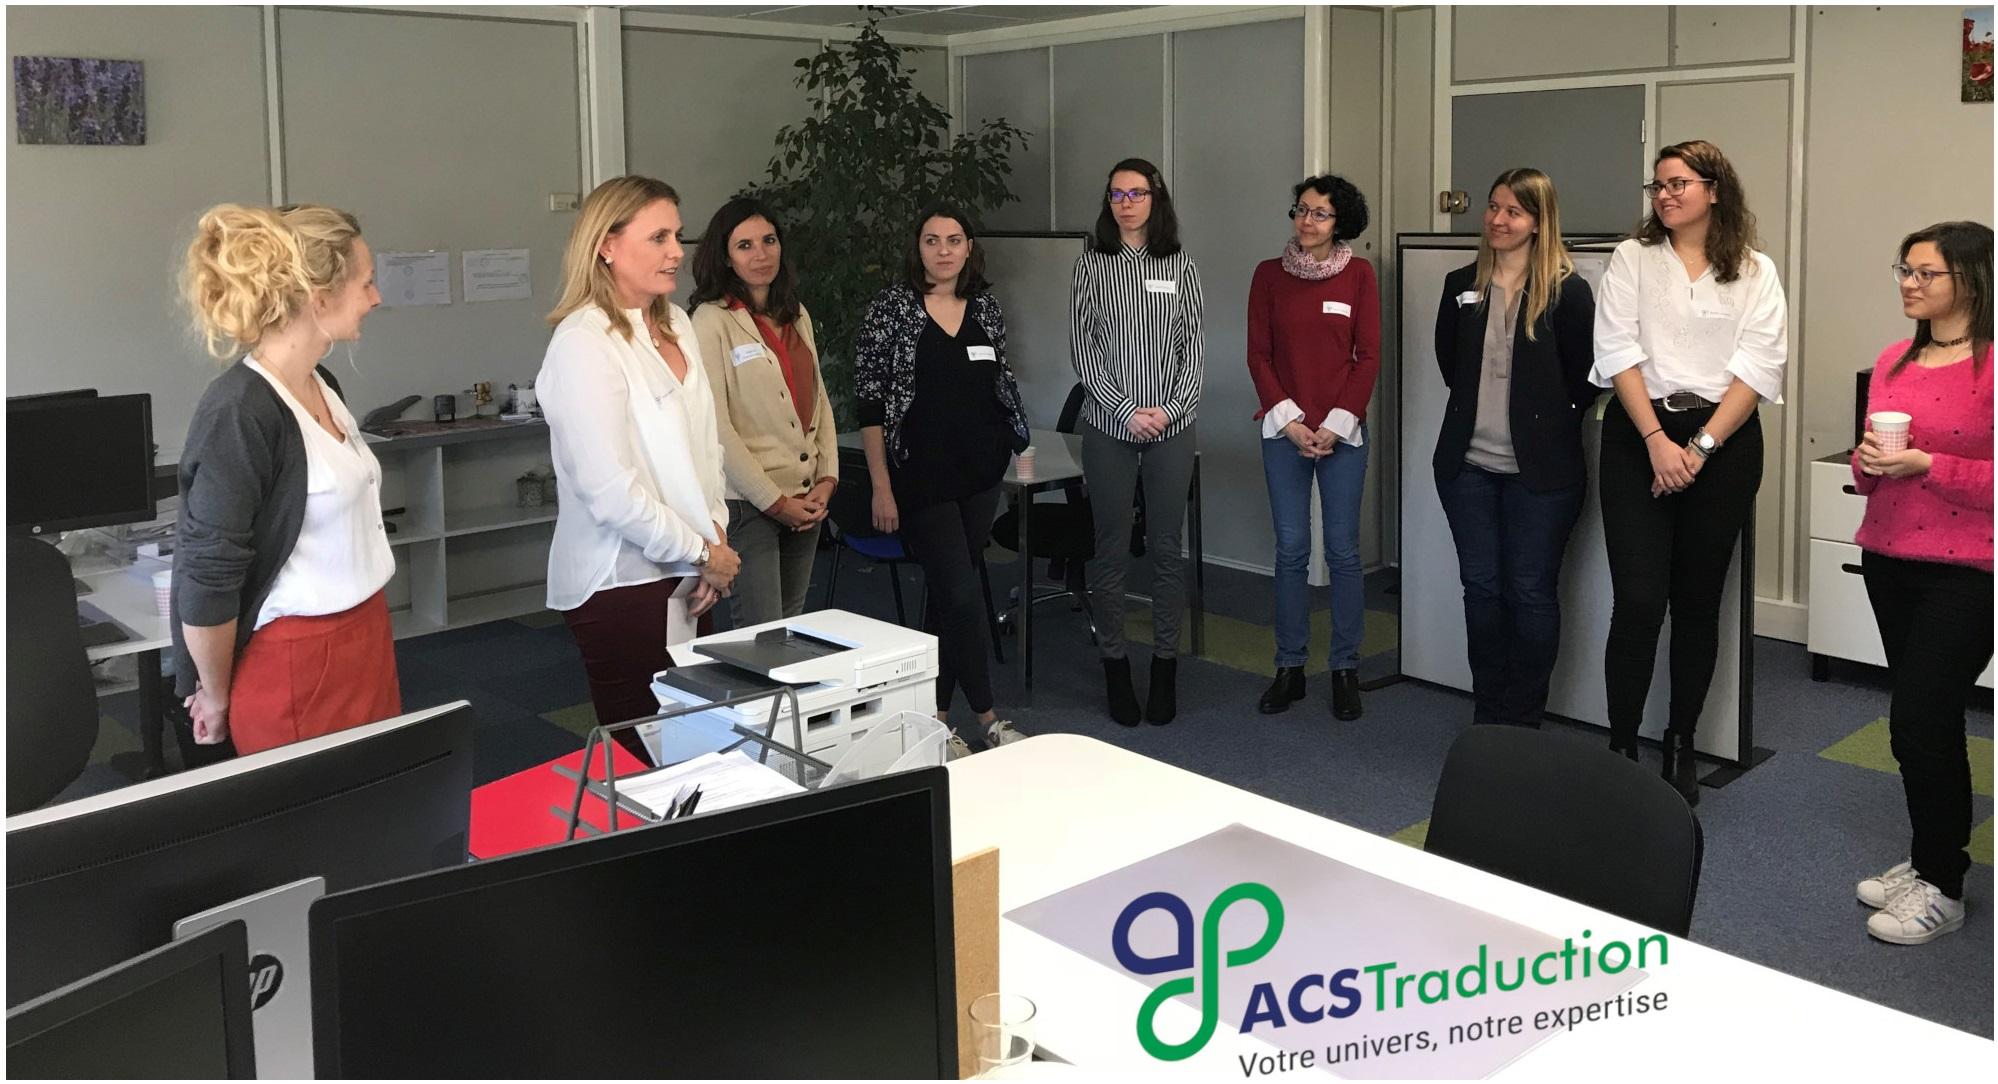 [INAUGURATION] ACS Traduction ouvre ses portes aux entreprises d'inovallée et présente ses outils innovants pour faciliter la traduction